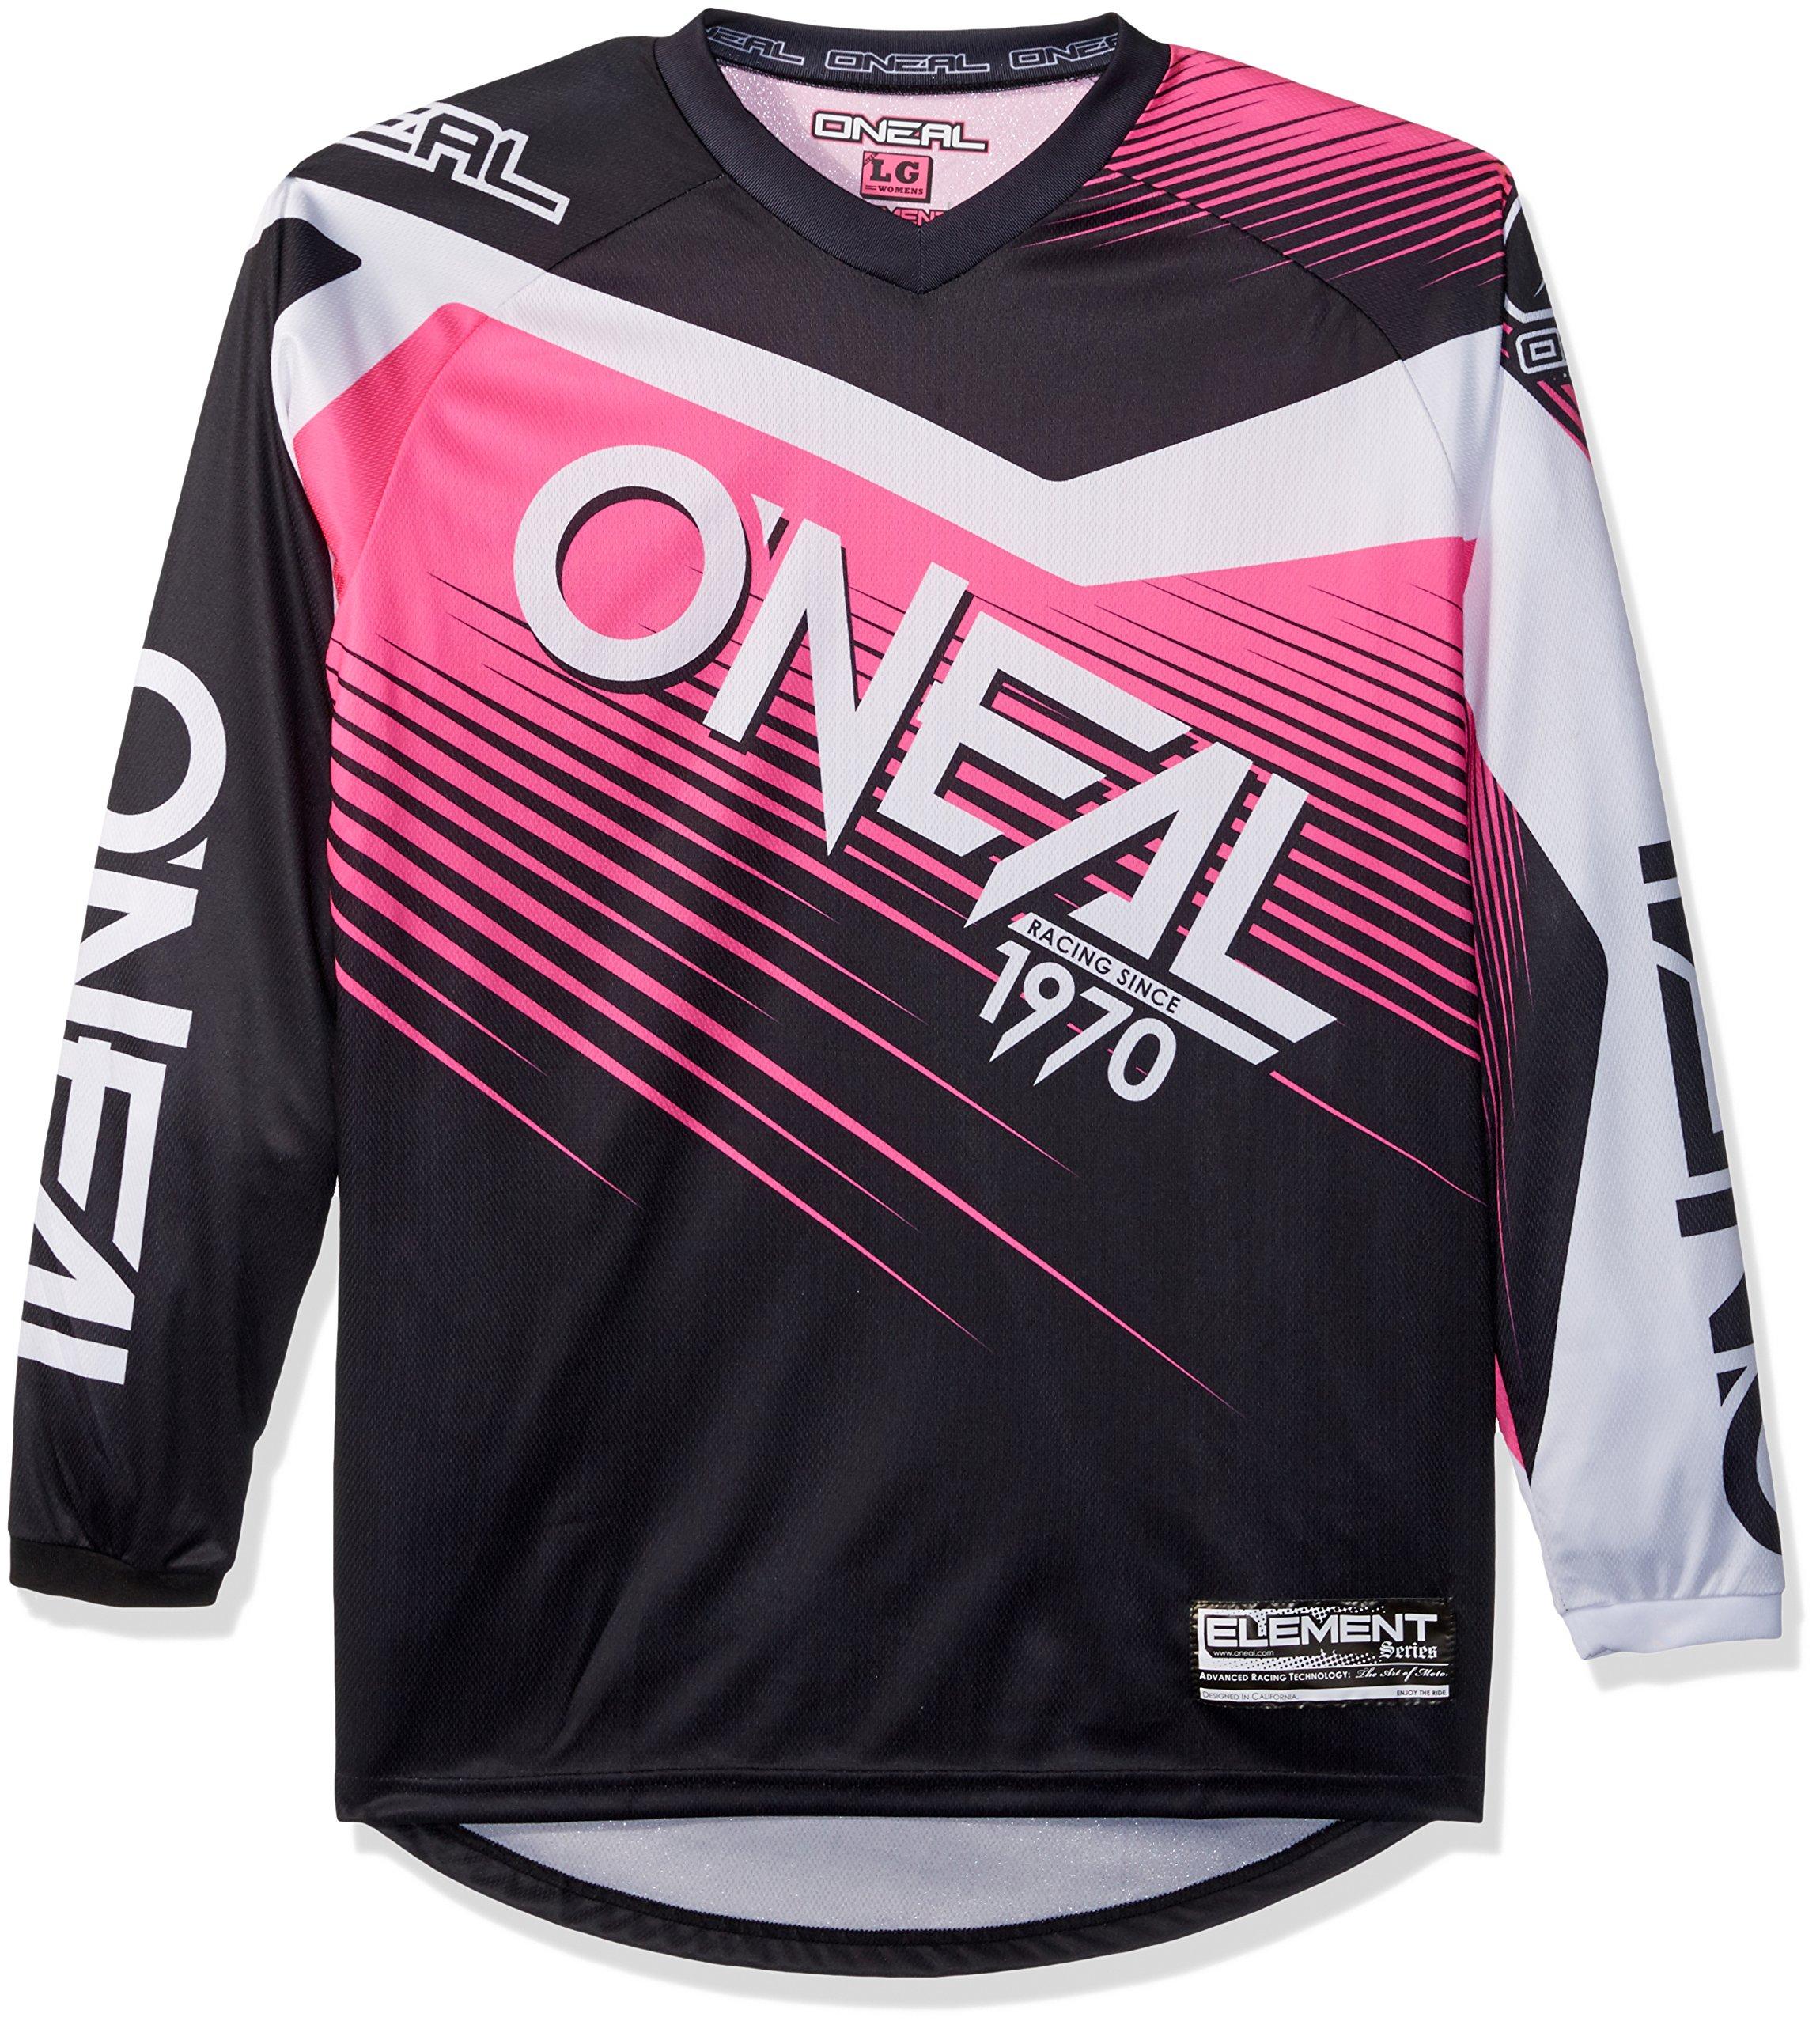 O'Neal 0008-704 Women's Element Racewear Jersey (Black/Pink, Large)